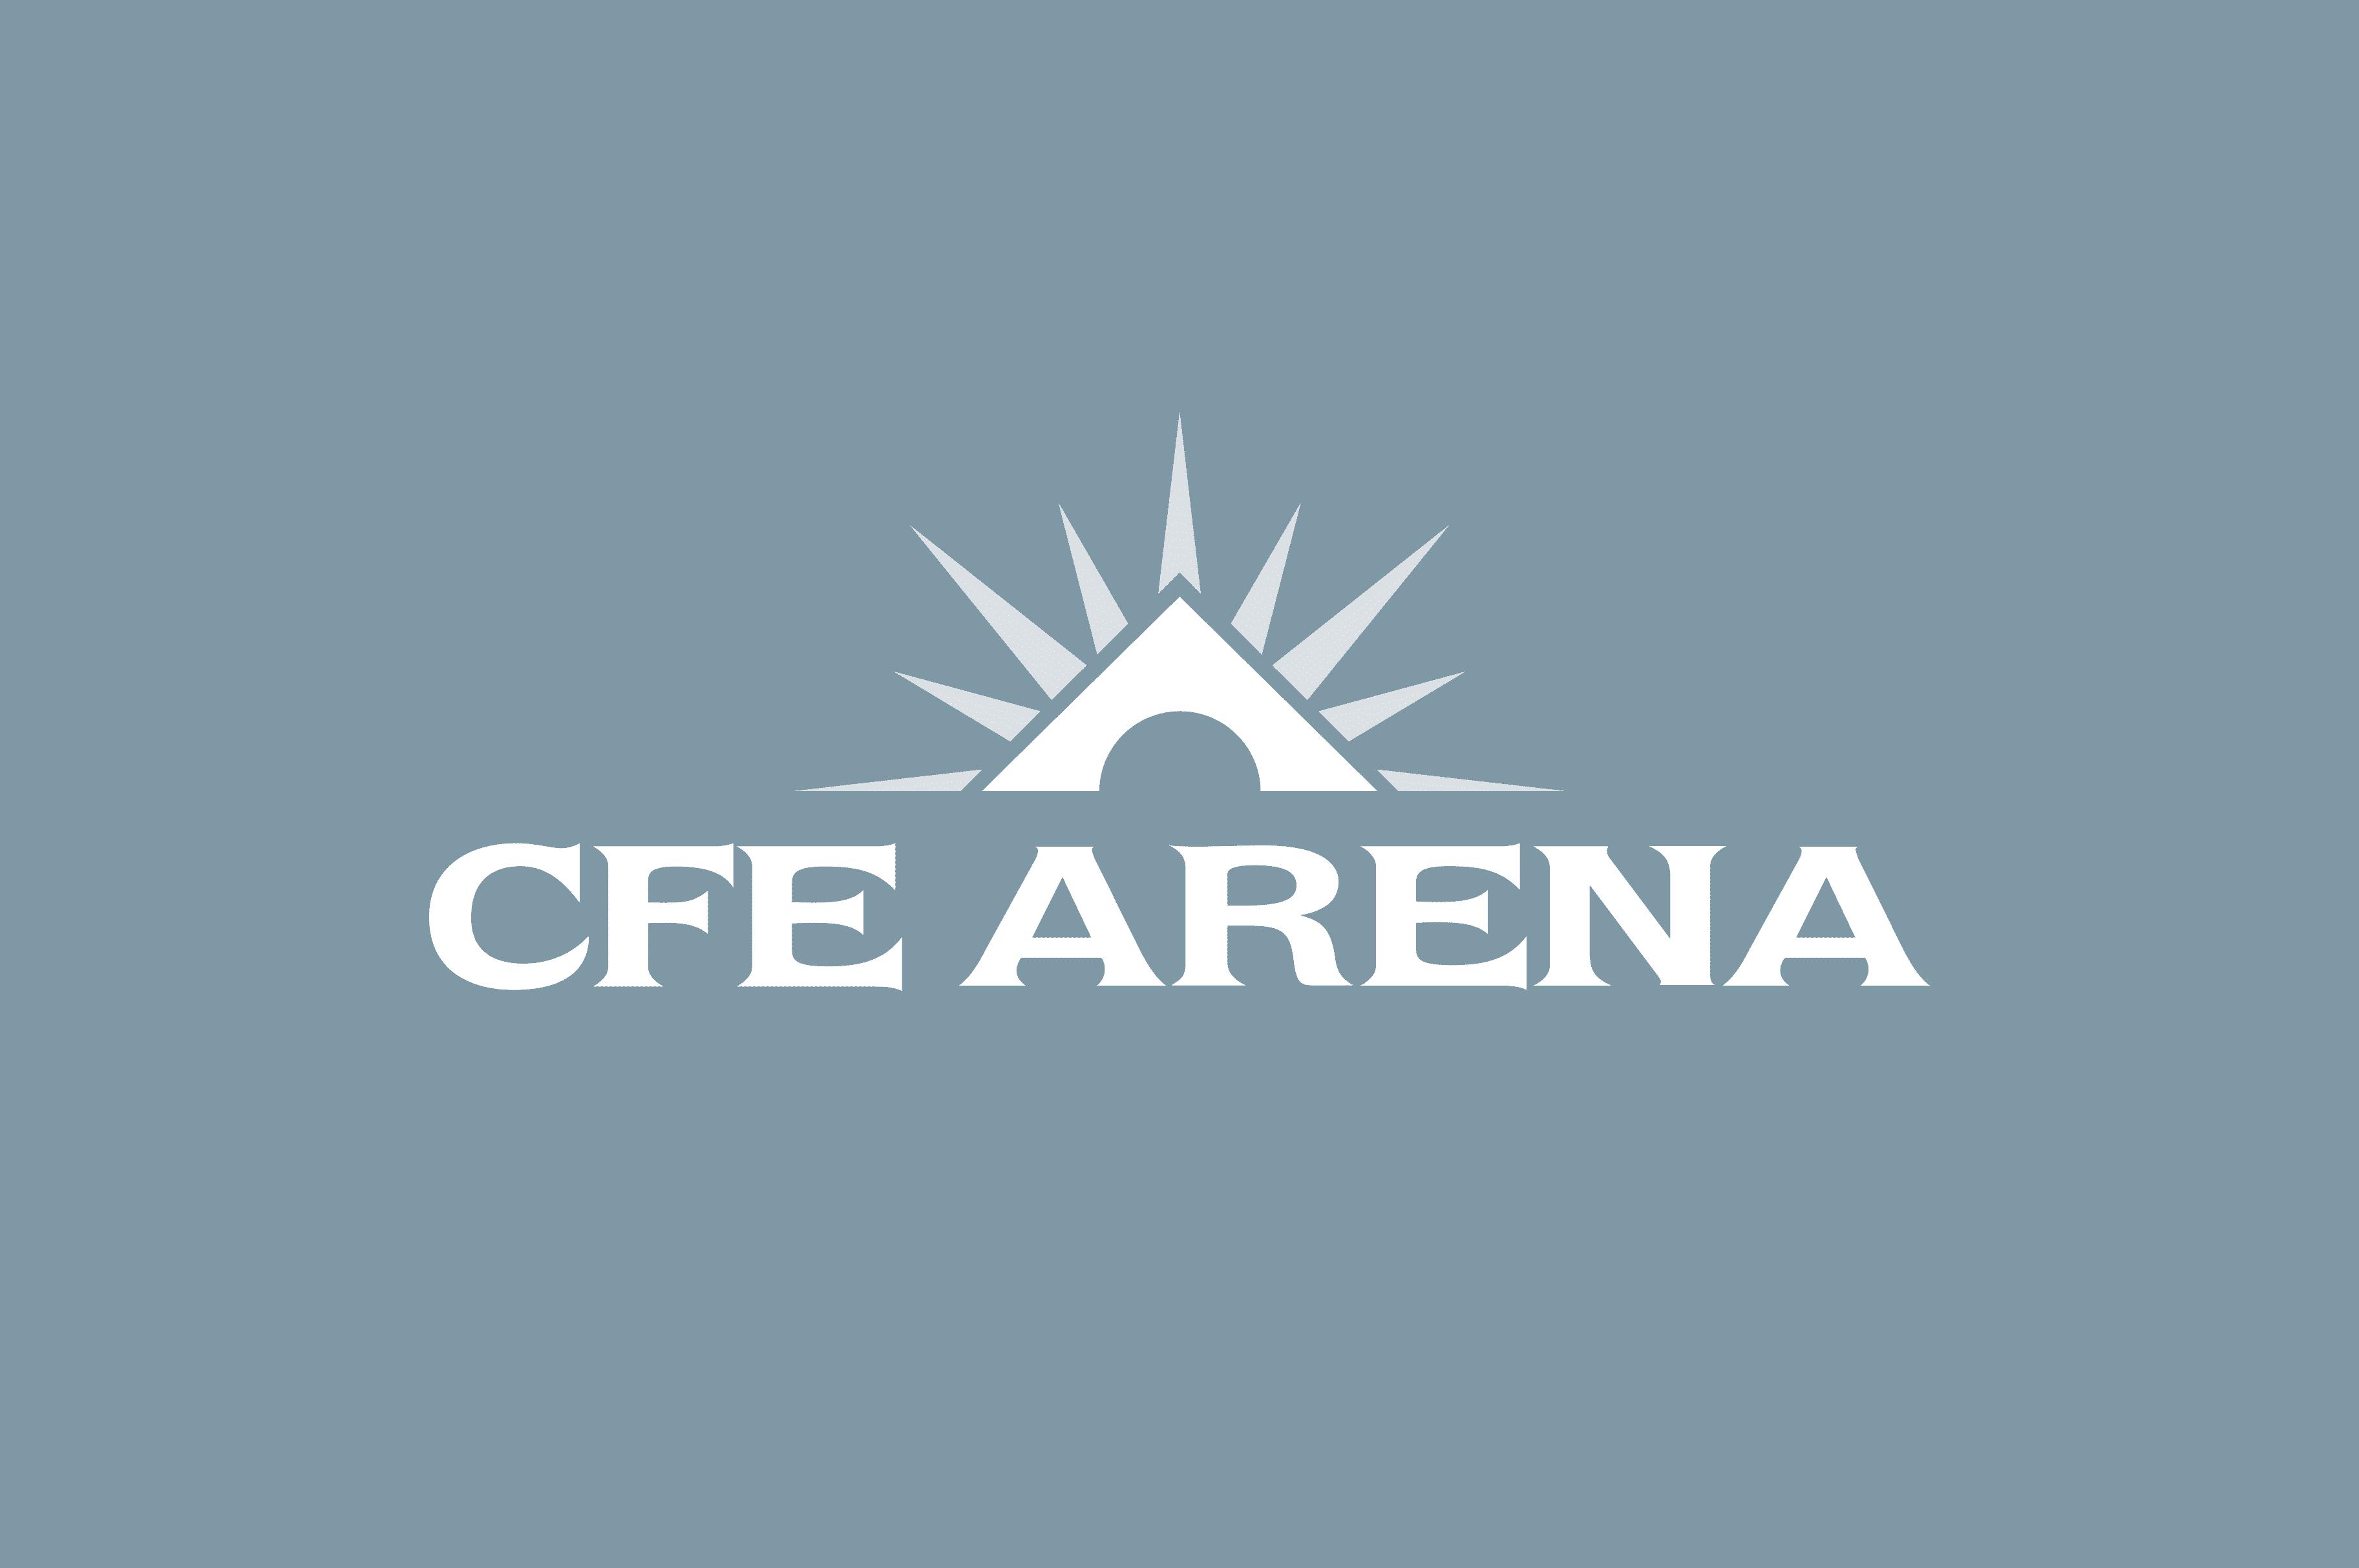 CFE Arena logo design